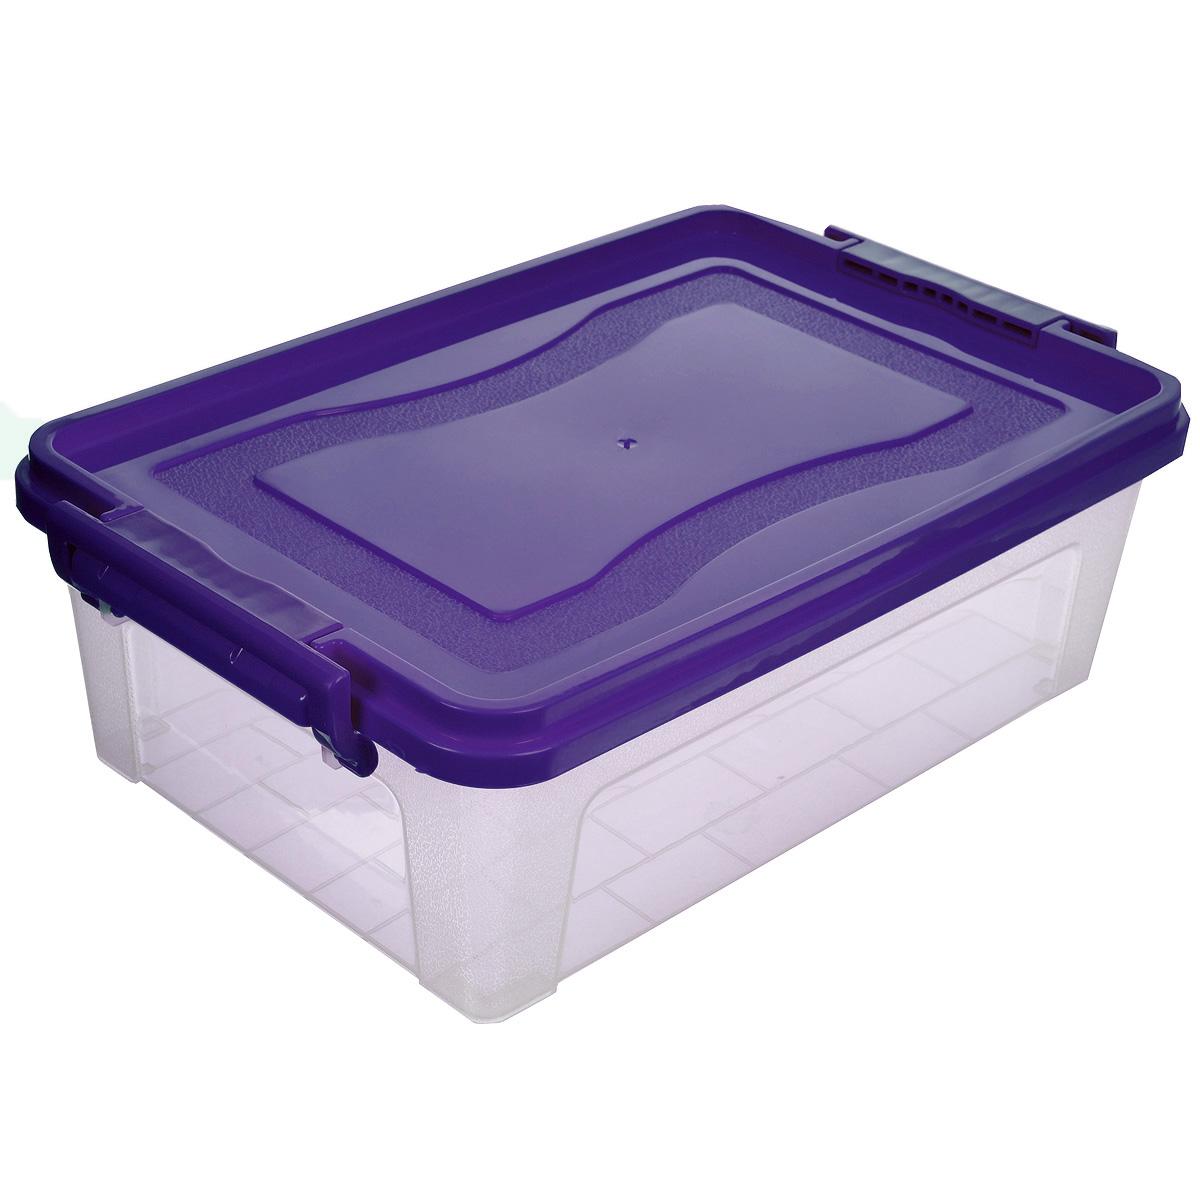 Контейнер для хранения Idea, прямоугольный, цвет: фиолетовый, прозрачный, 6,3 л1004900000360Контейнер для хранения Idea выполнен из высококачественного пластика. Контейнер снабжен двумя пластиковыми фиксаторами по бокам, придающими дополнительную надежность закрывания крышки. Вместительный контейнер позволит сохранить различные нужные вещи в порядке, а герметичная крышка предотвратит случайное открывание, защитит содержимое от пыли и грязи.